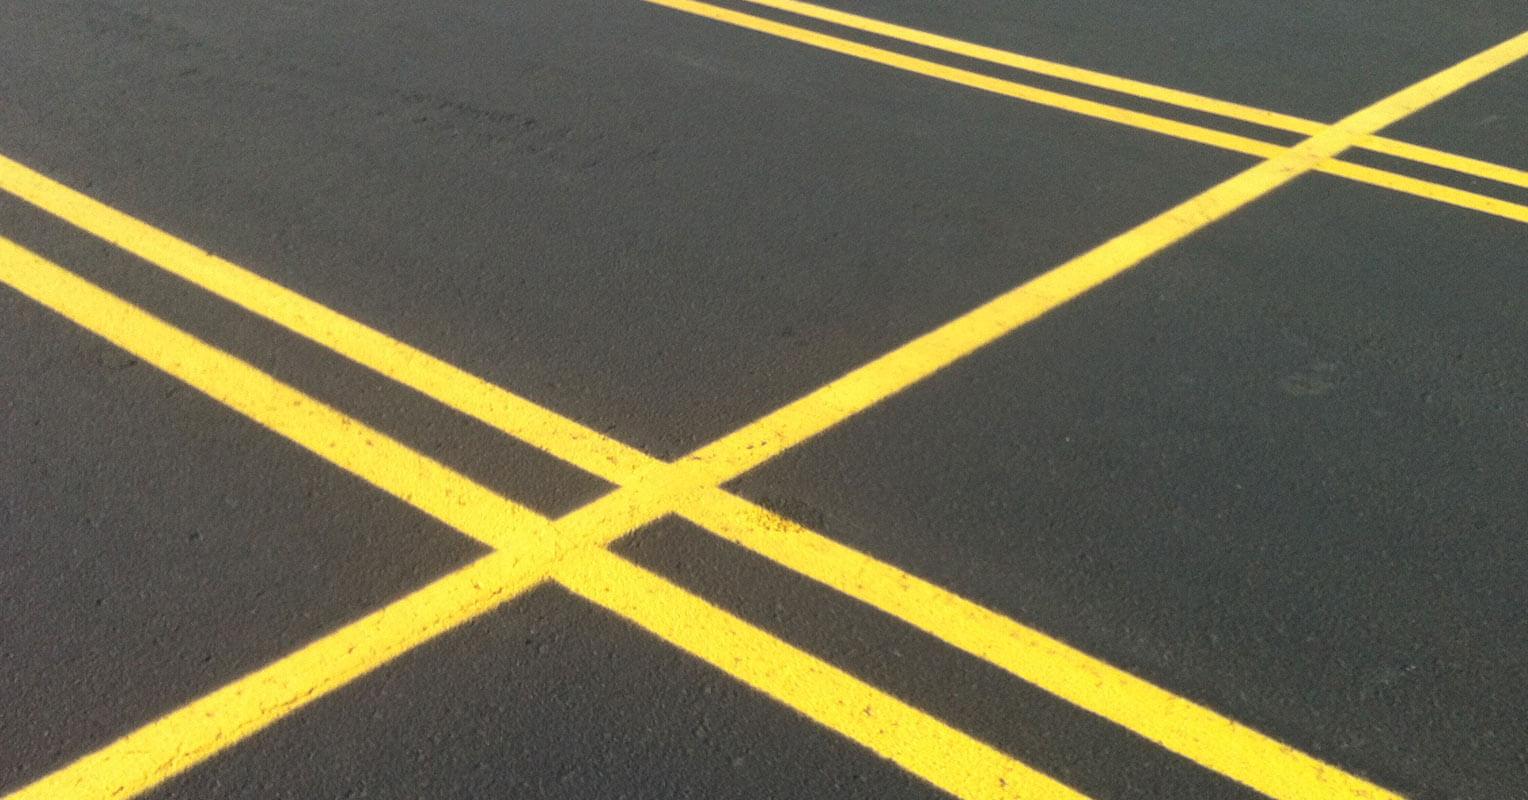 Cómo aparcar en línea paso a paso